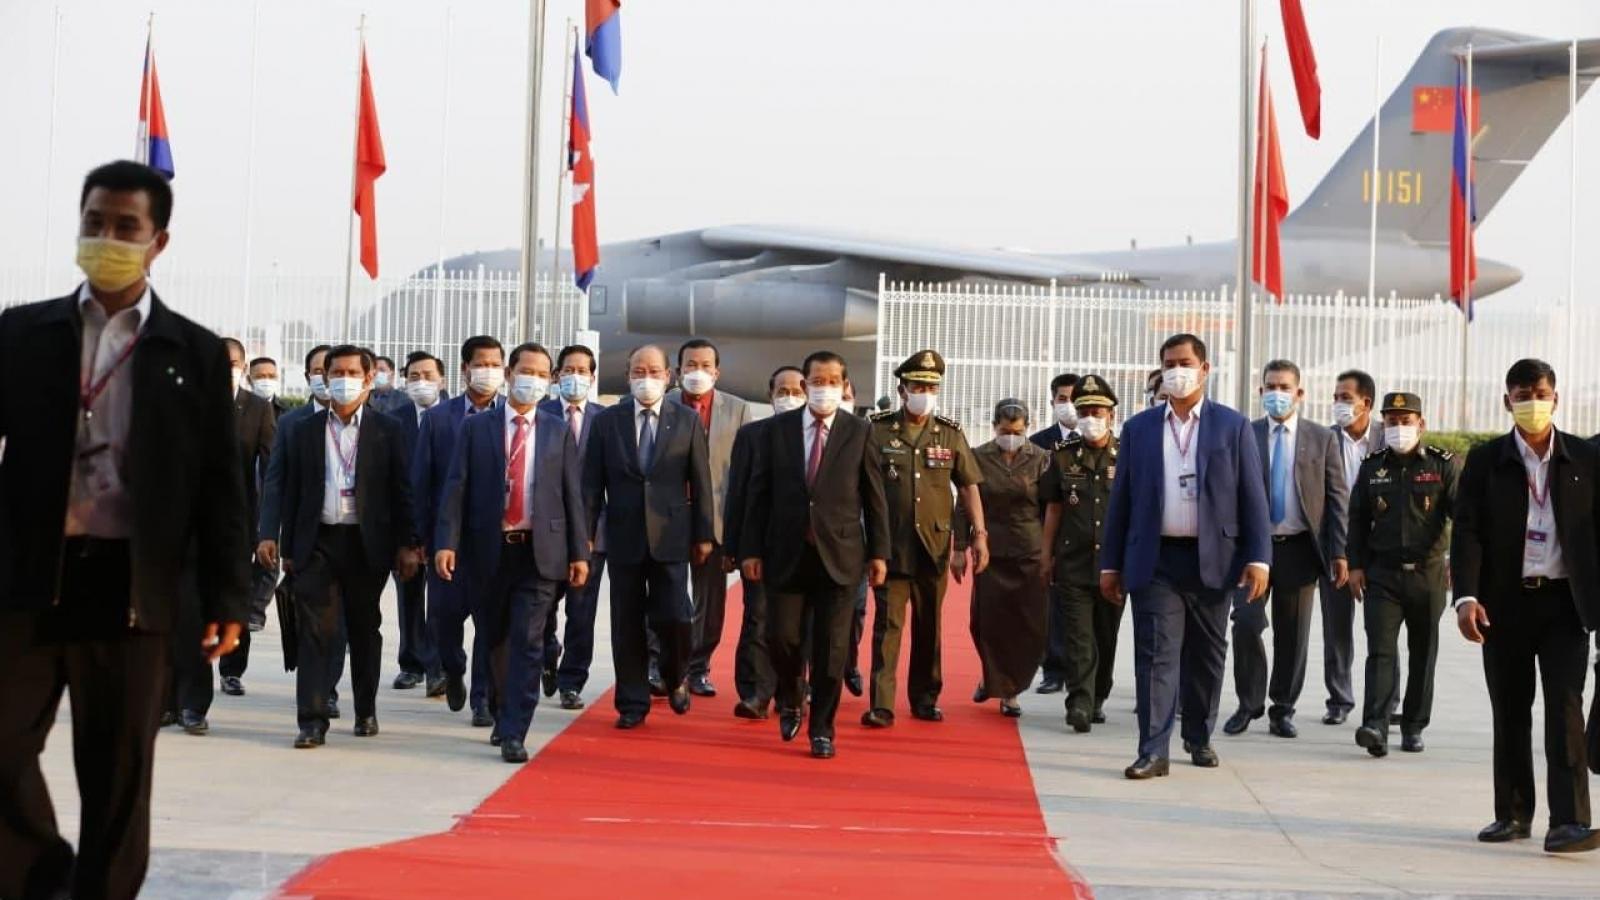 Thủ tướng Campuchia ra sân bay nhận lô vaccine Covid-19 đầu tiên do Trung Quốc viện trợ